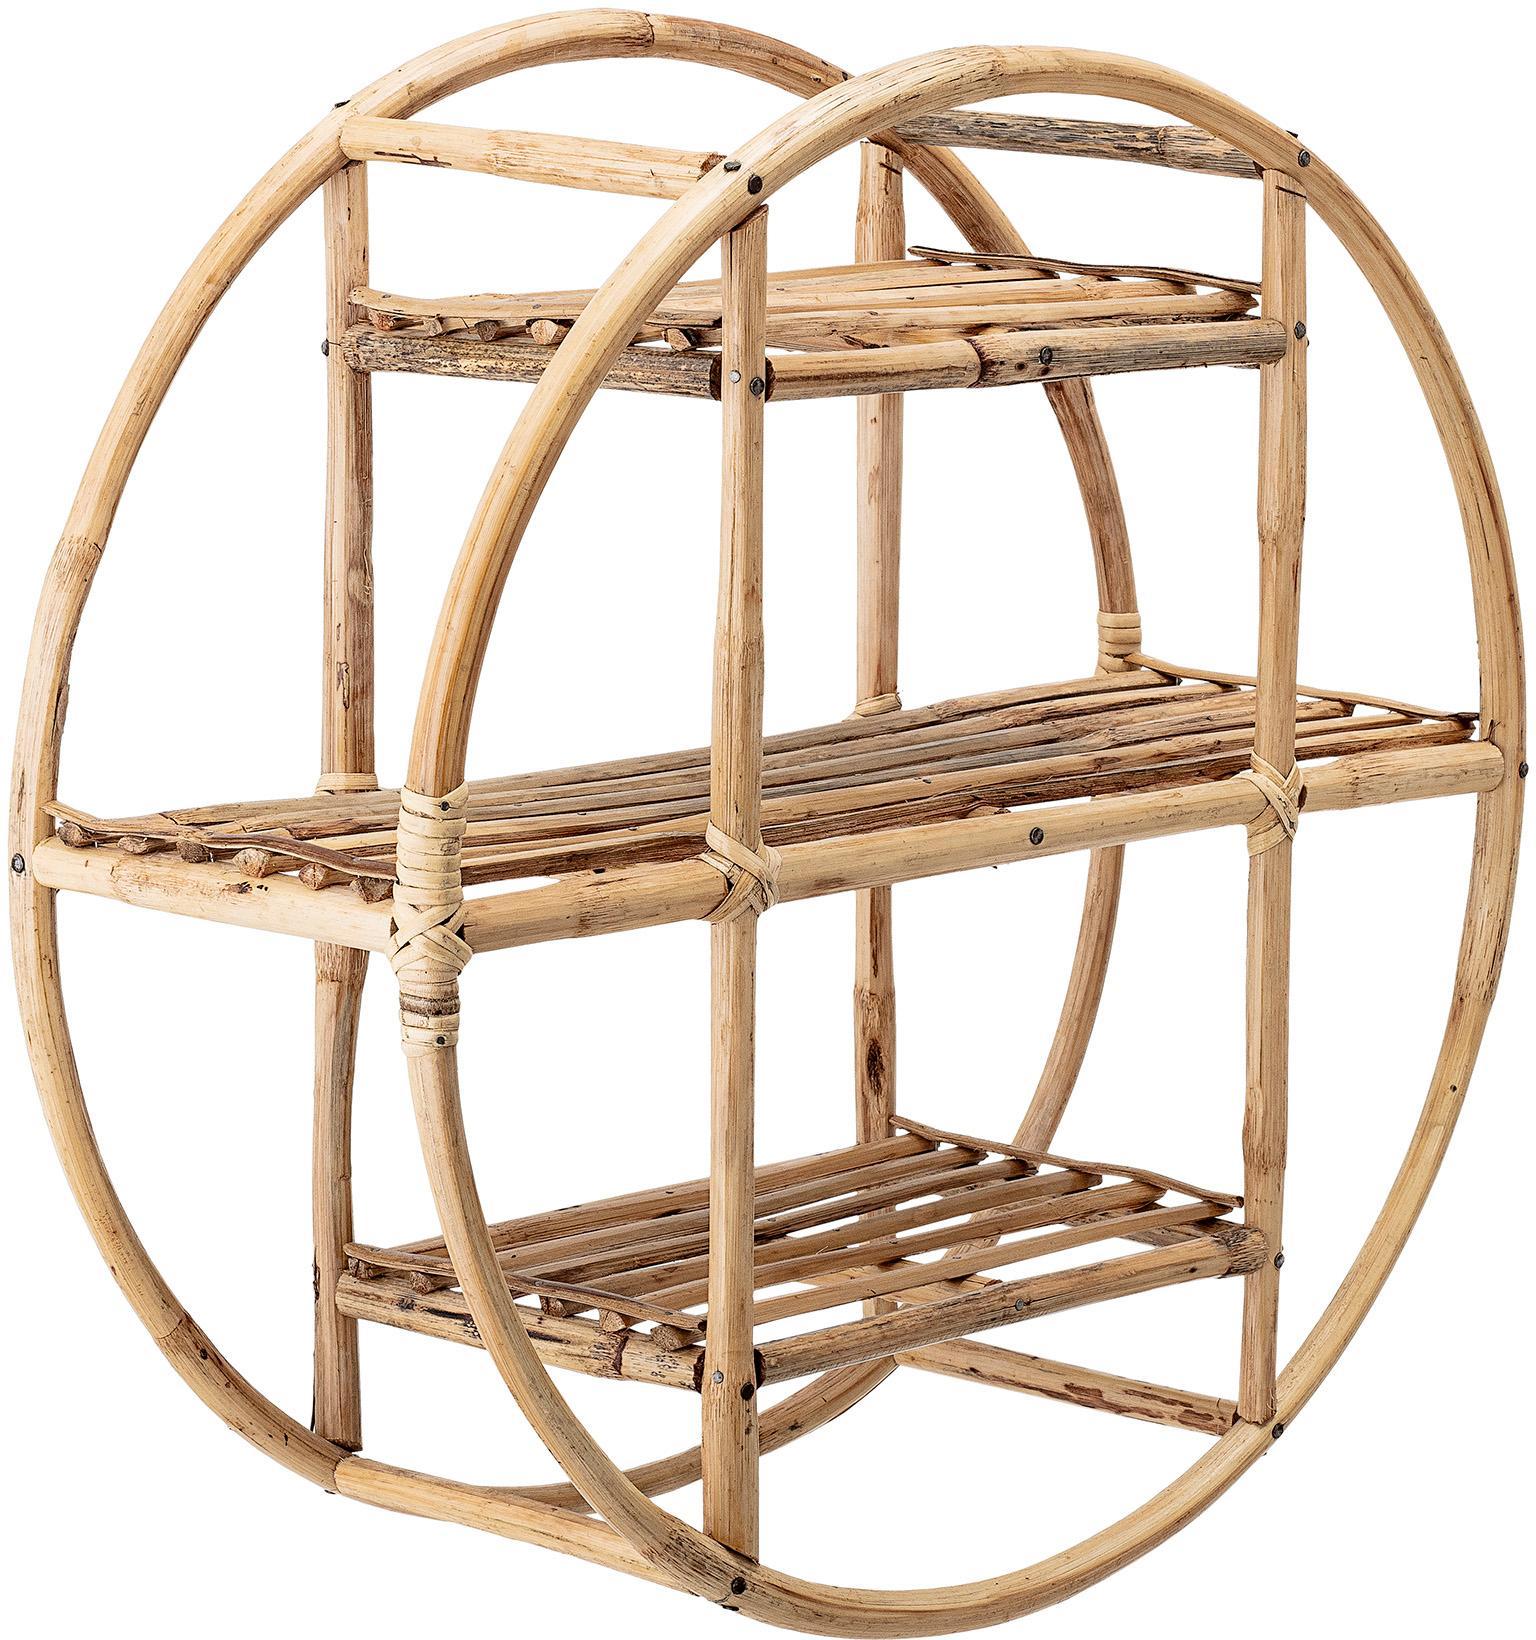 Ripiano a muro rotondo in bambù Sia, Canna, Marrone, Ø 52 x Prof. 20 cm